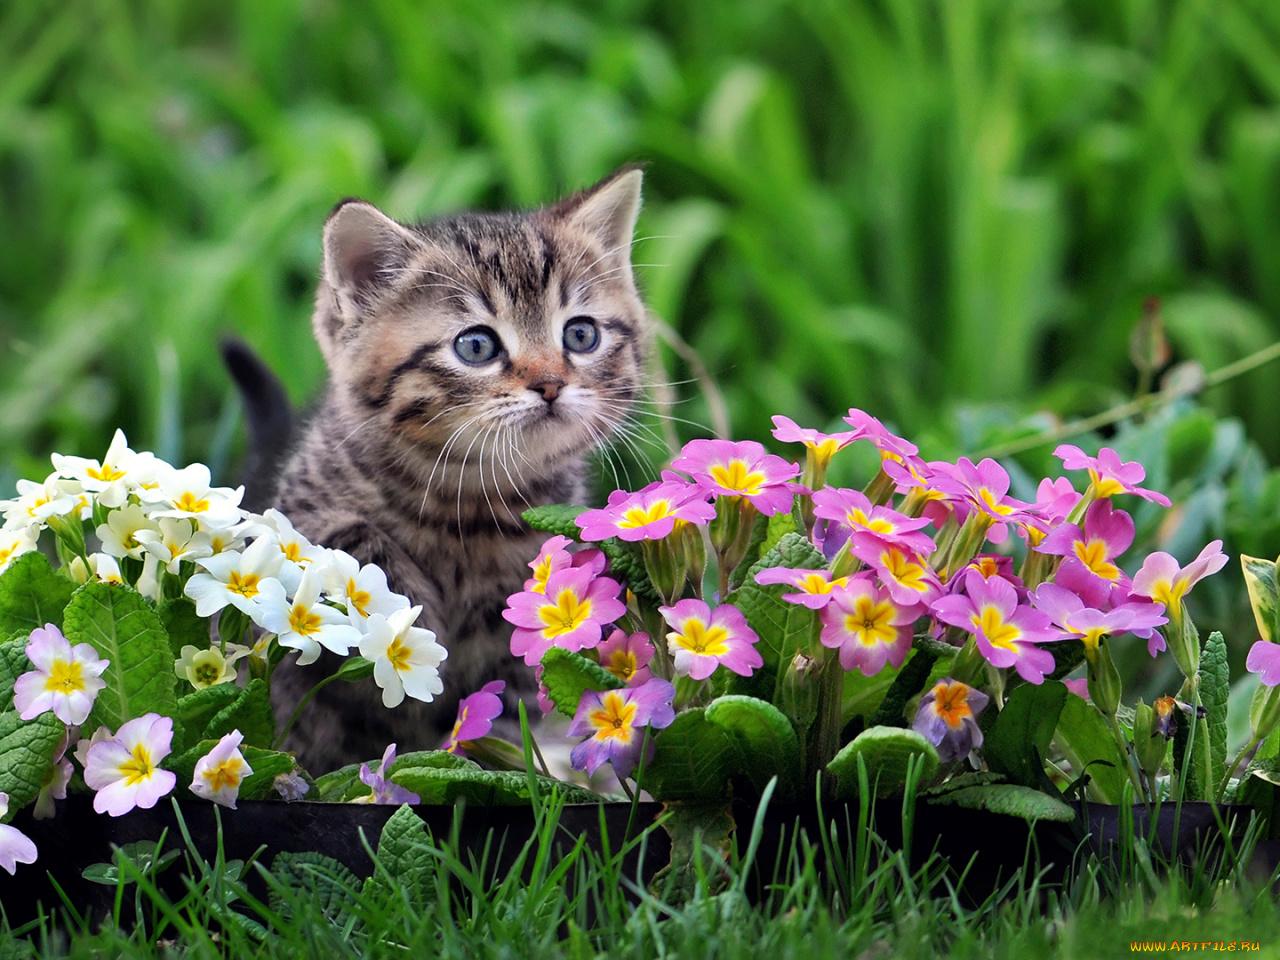 Надписью люблю, фото открытки с животными